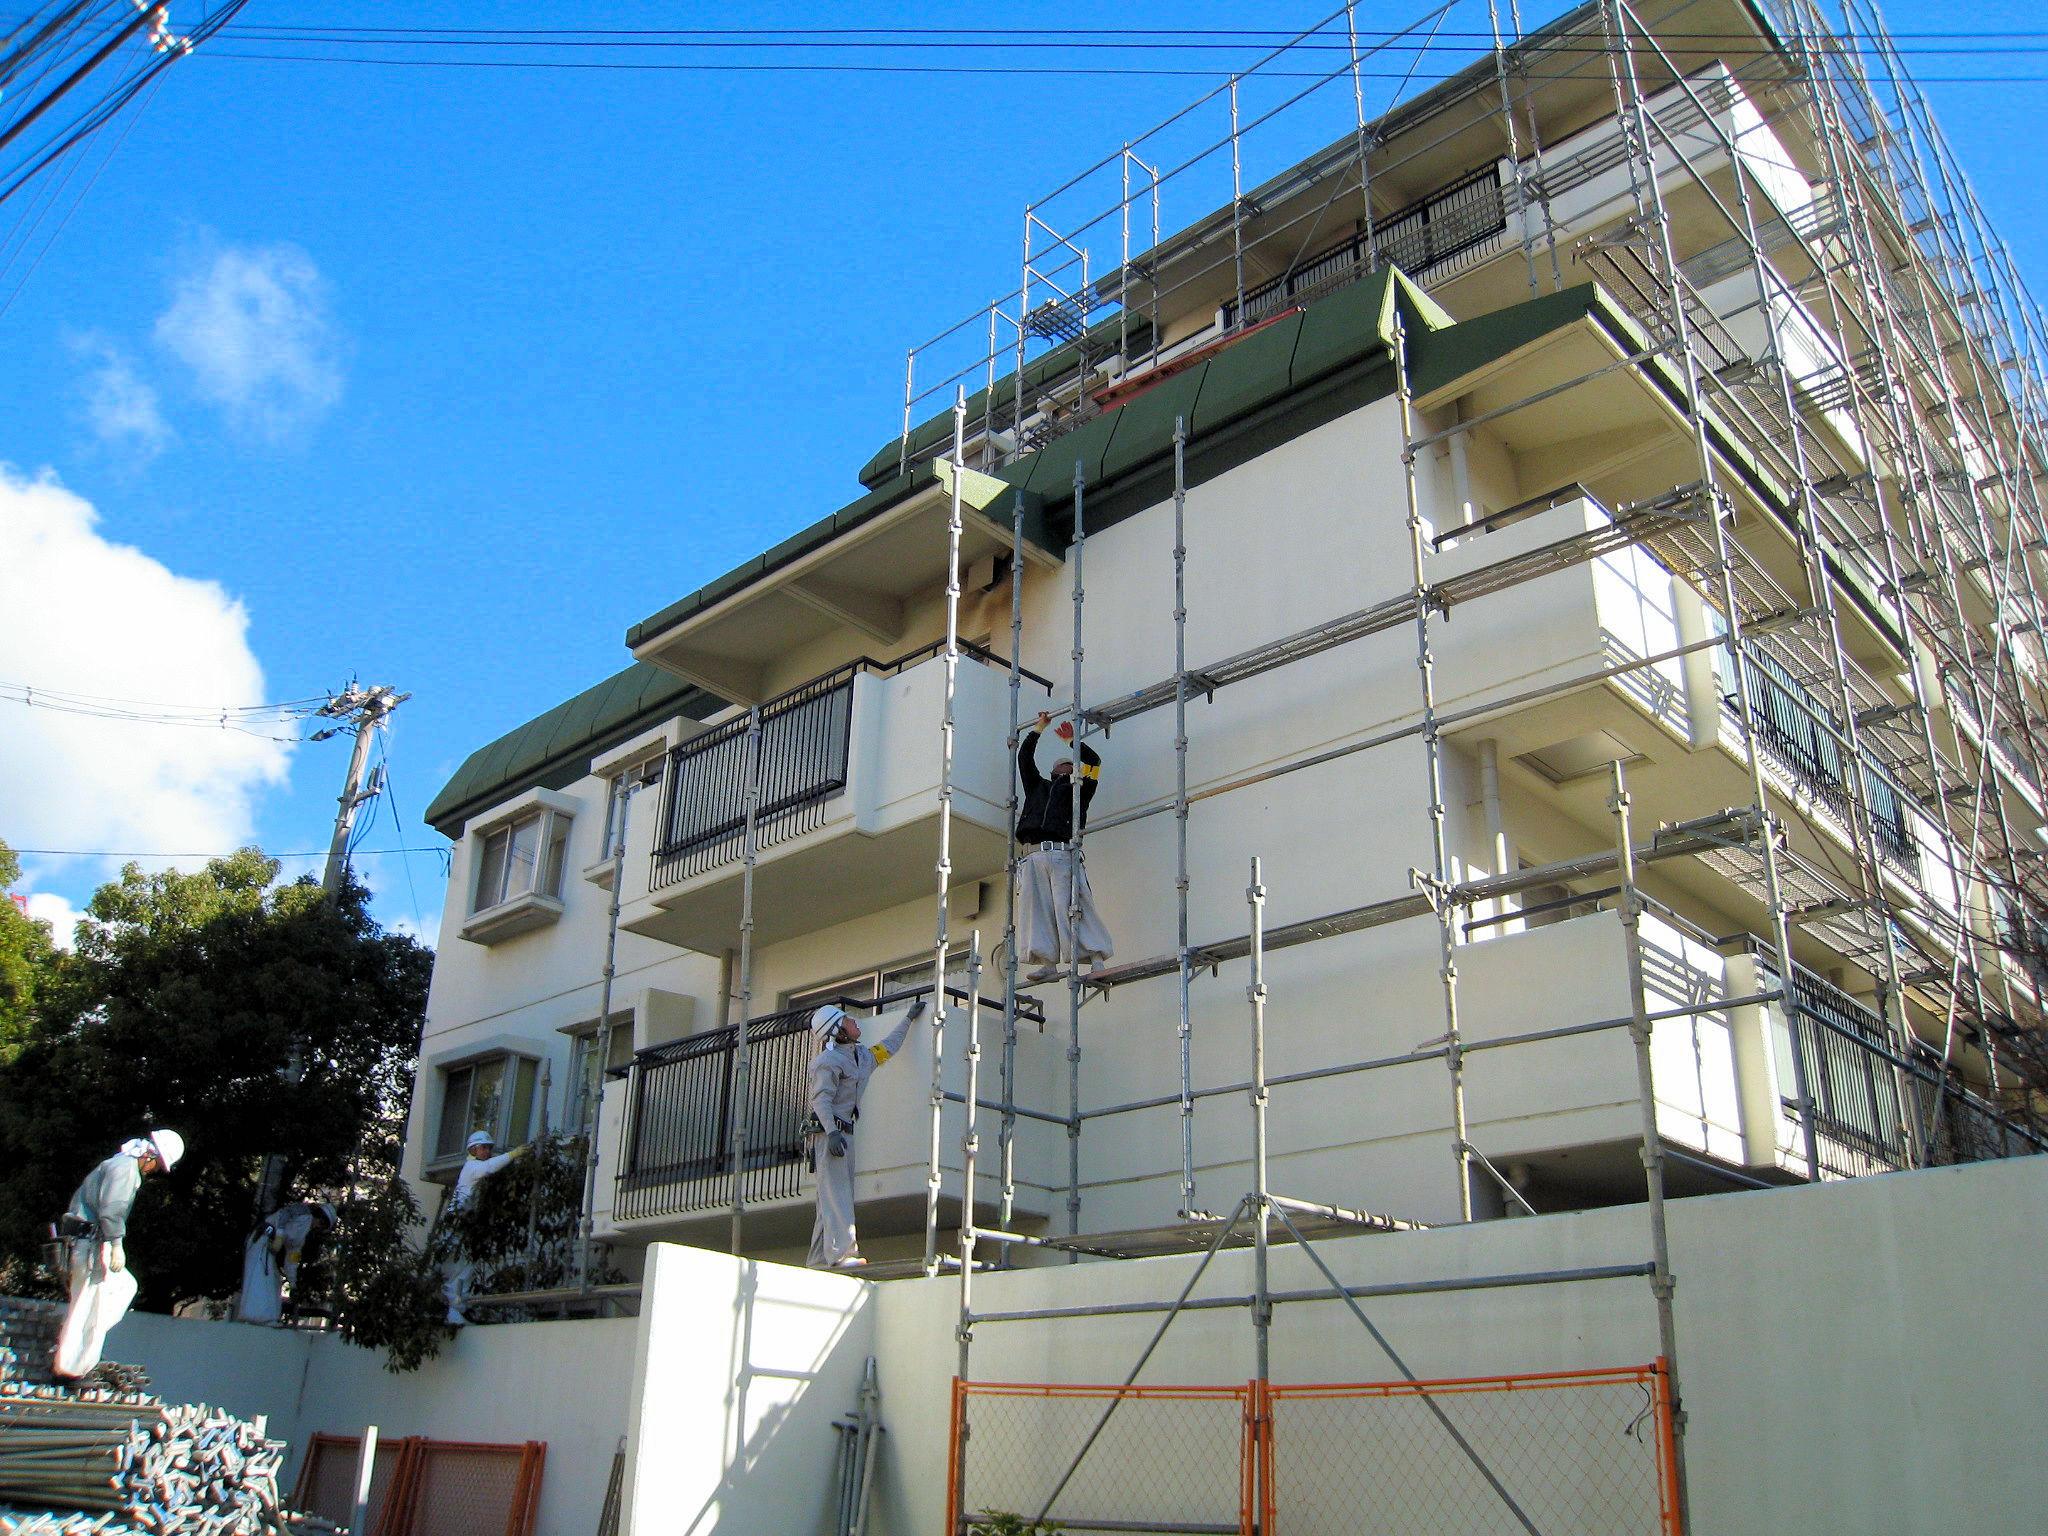 甲南アーバンライフ大規模修繕工事(兵庫県神戸市)